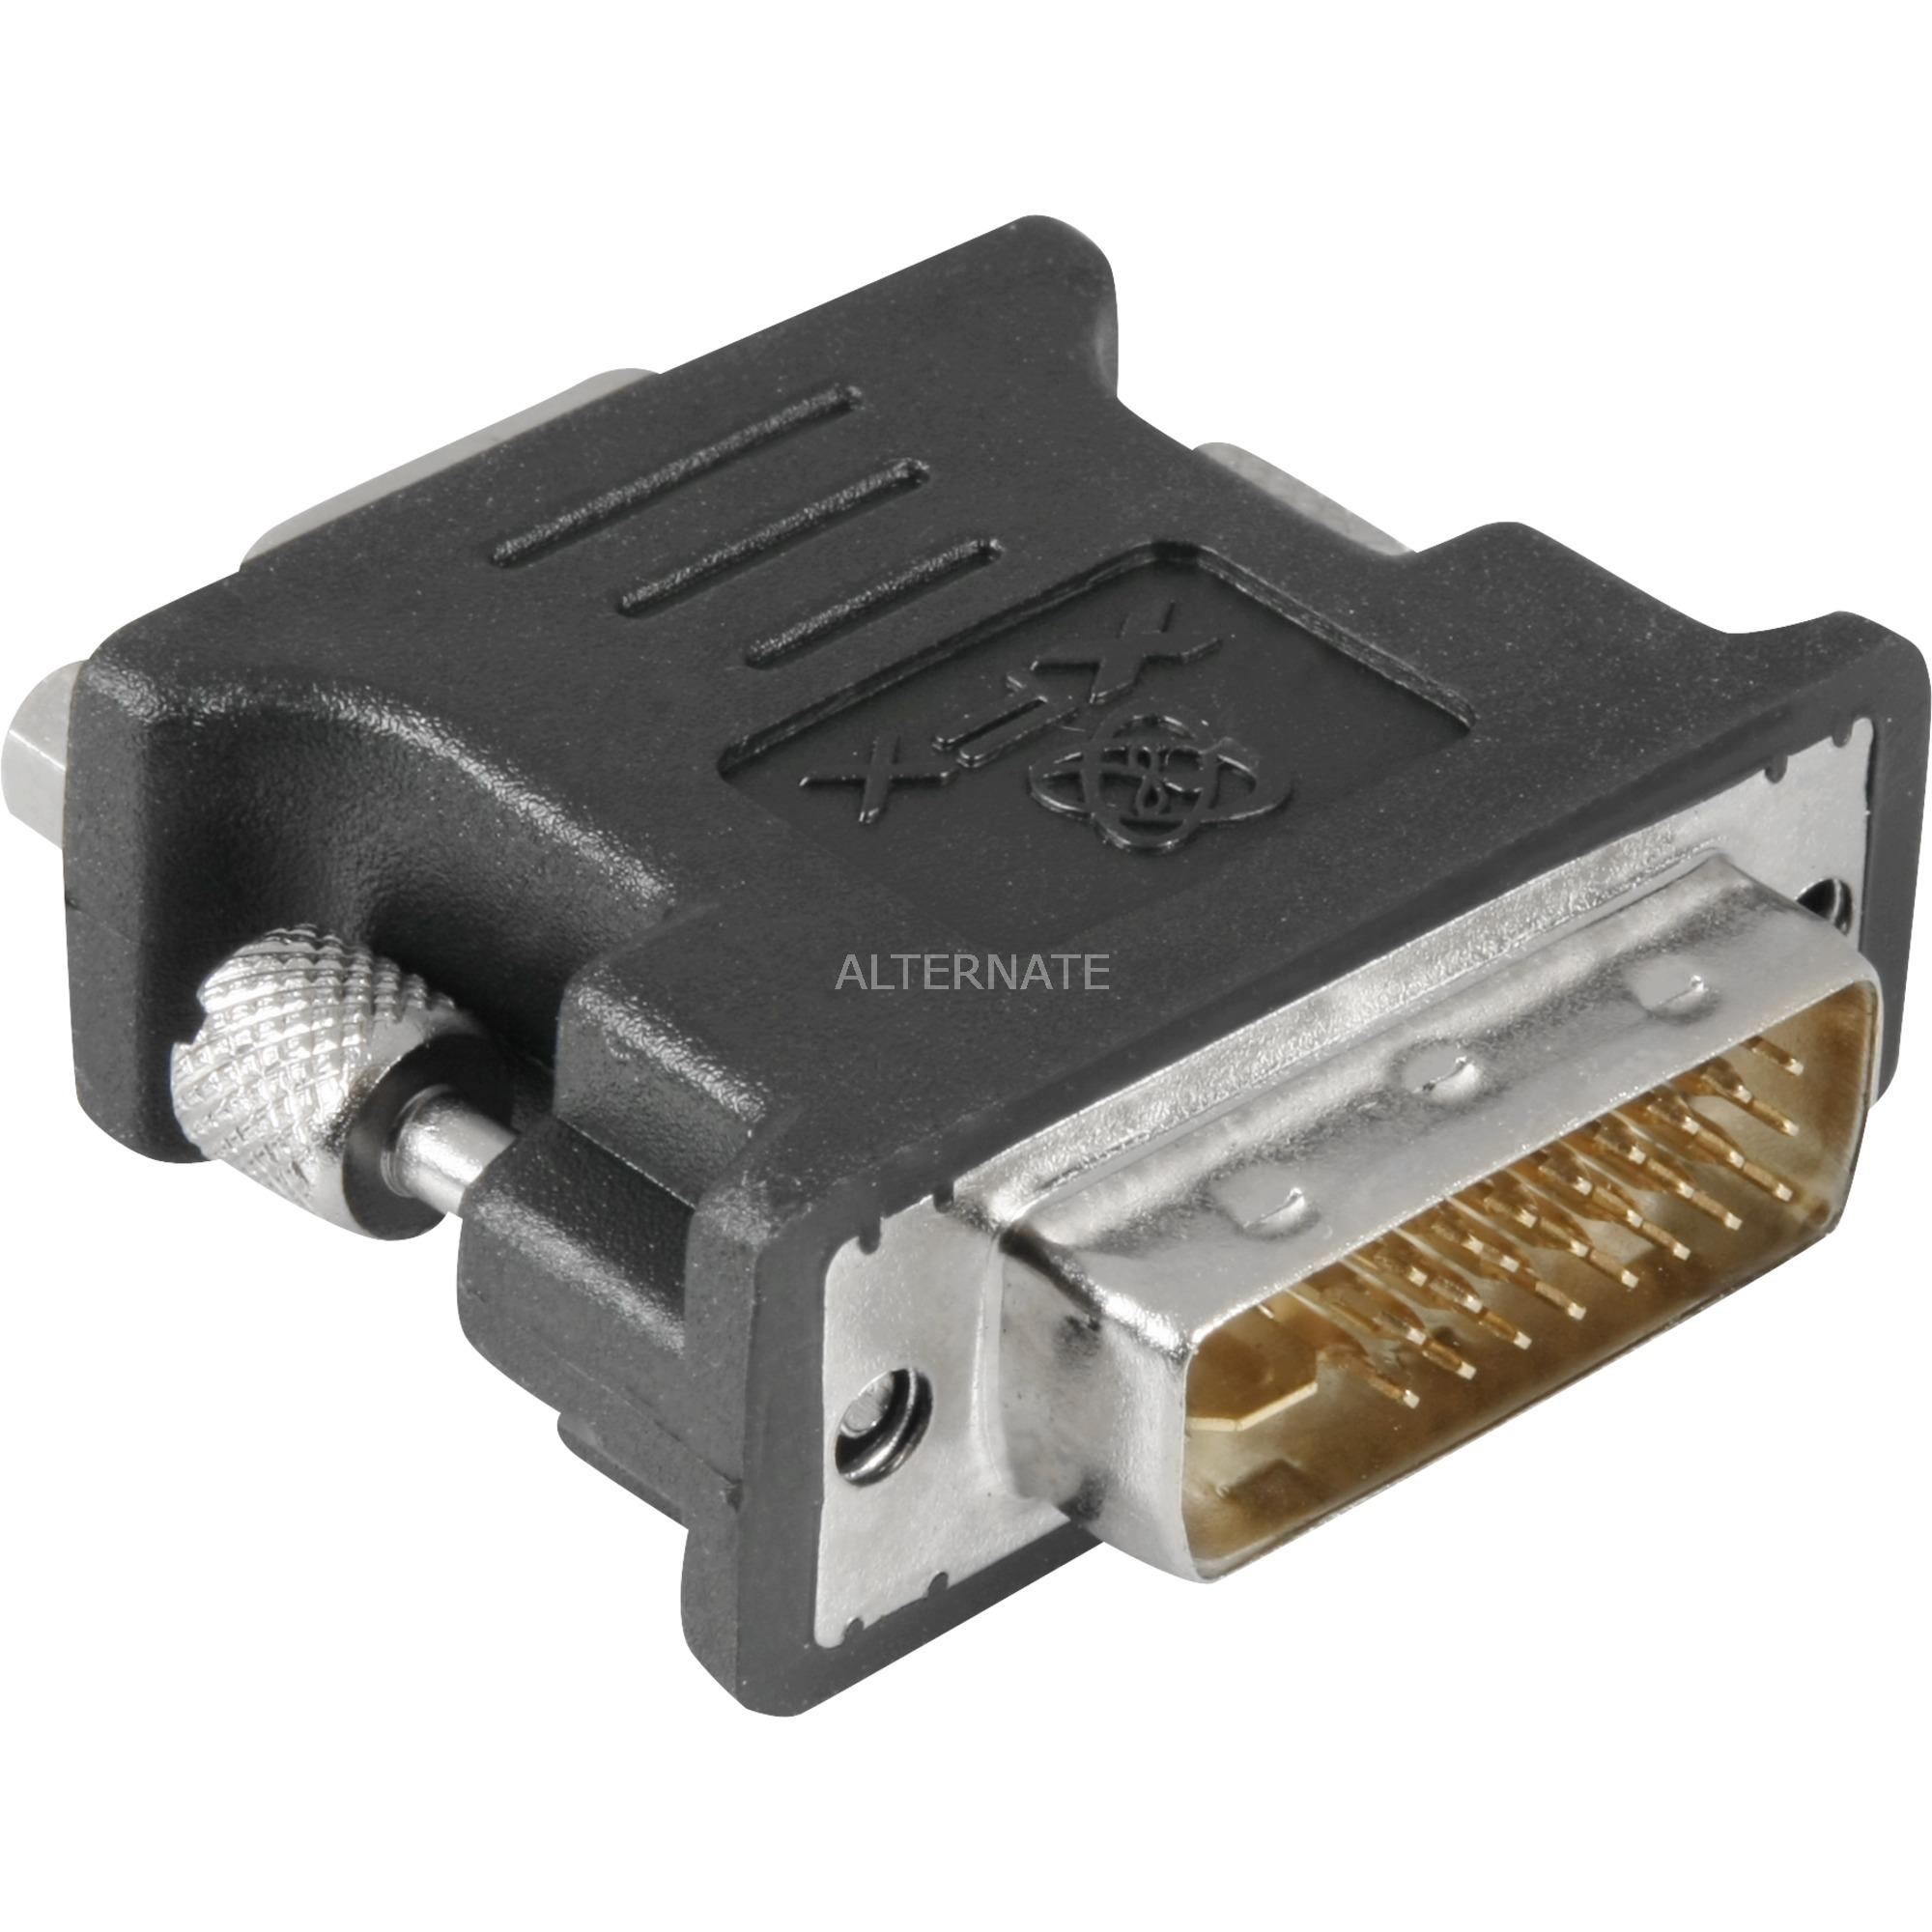 ma-ap01-dv1k-adapter